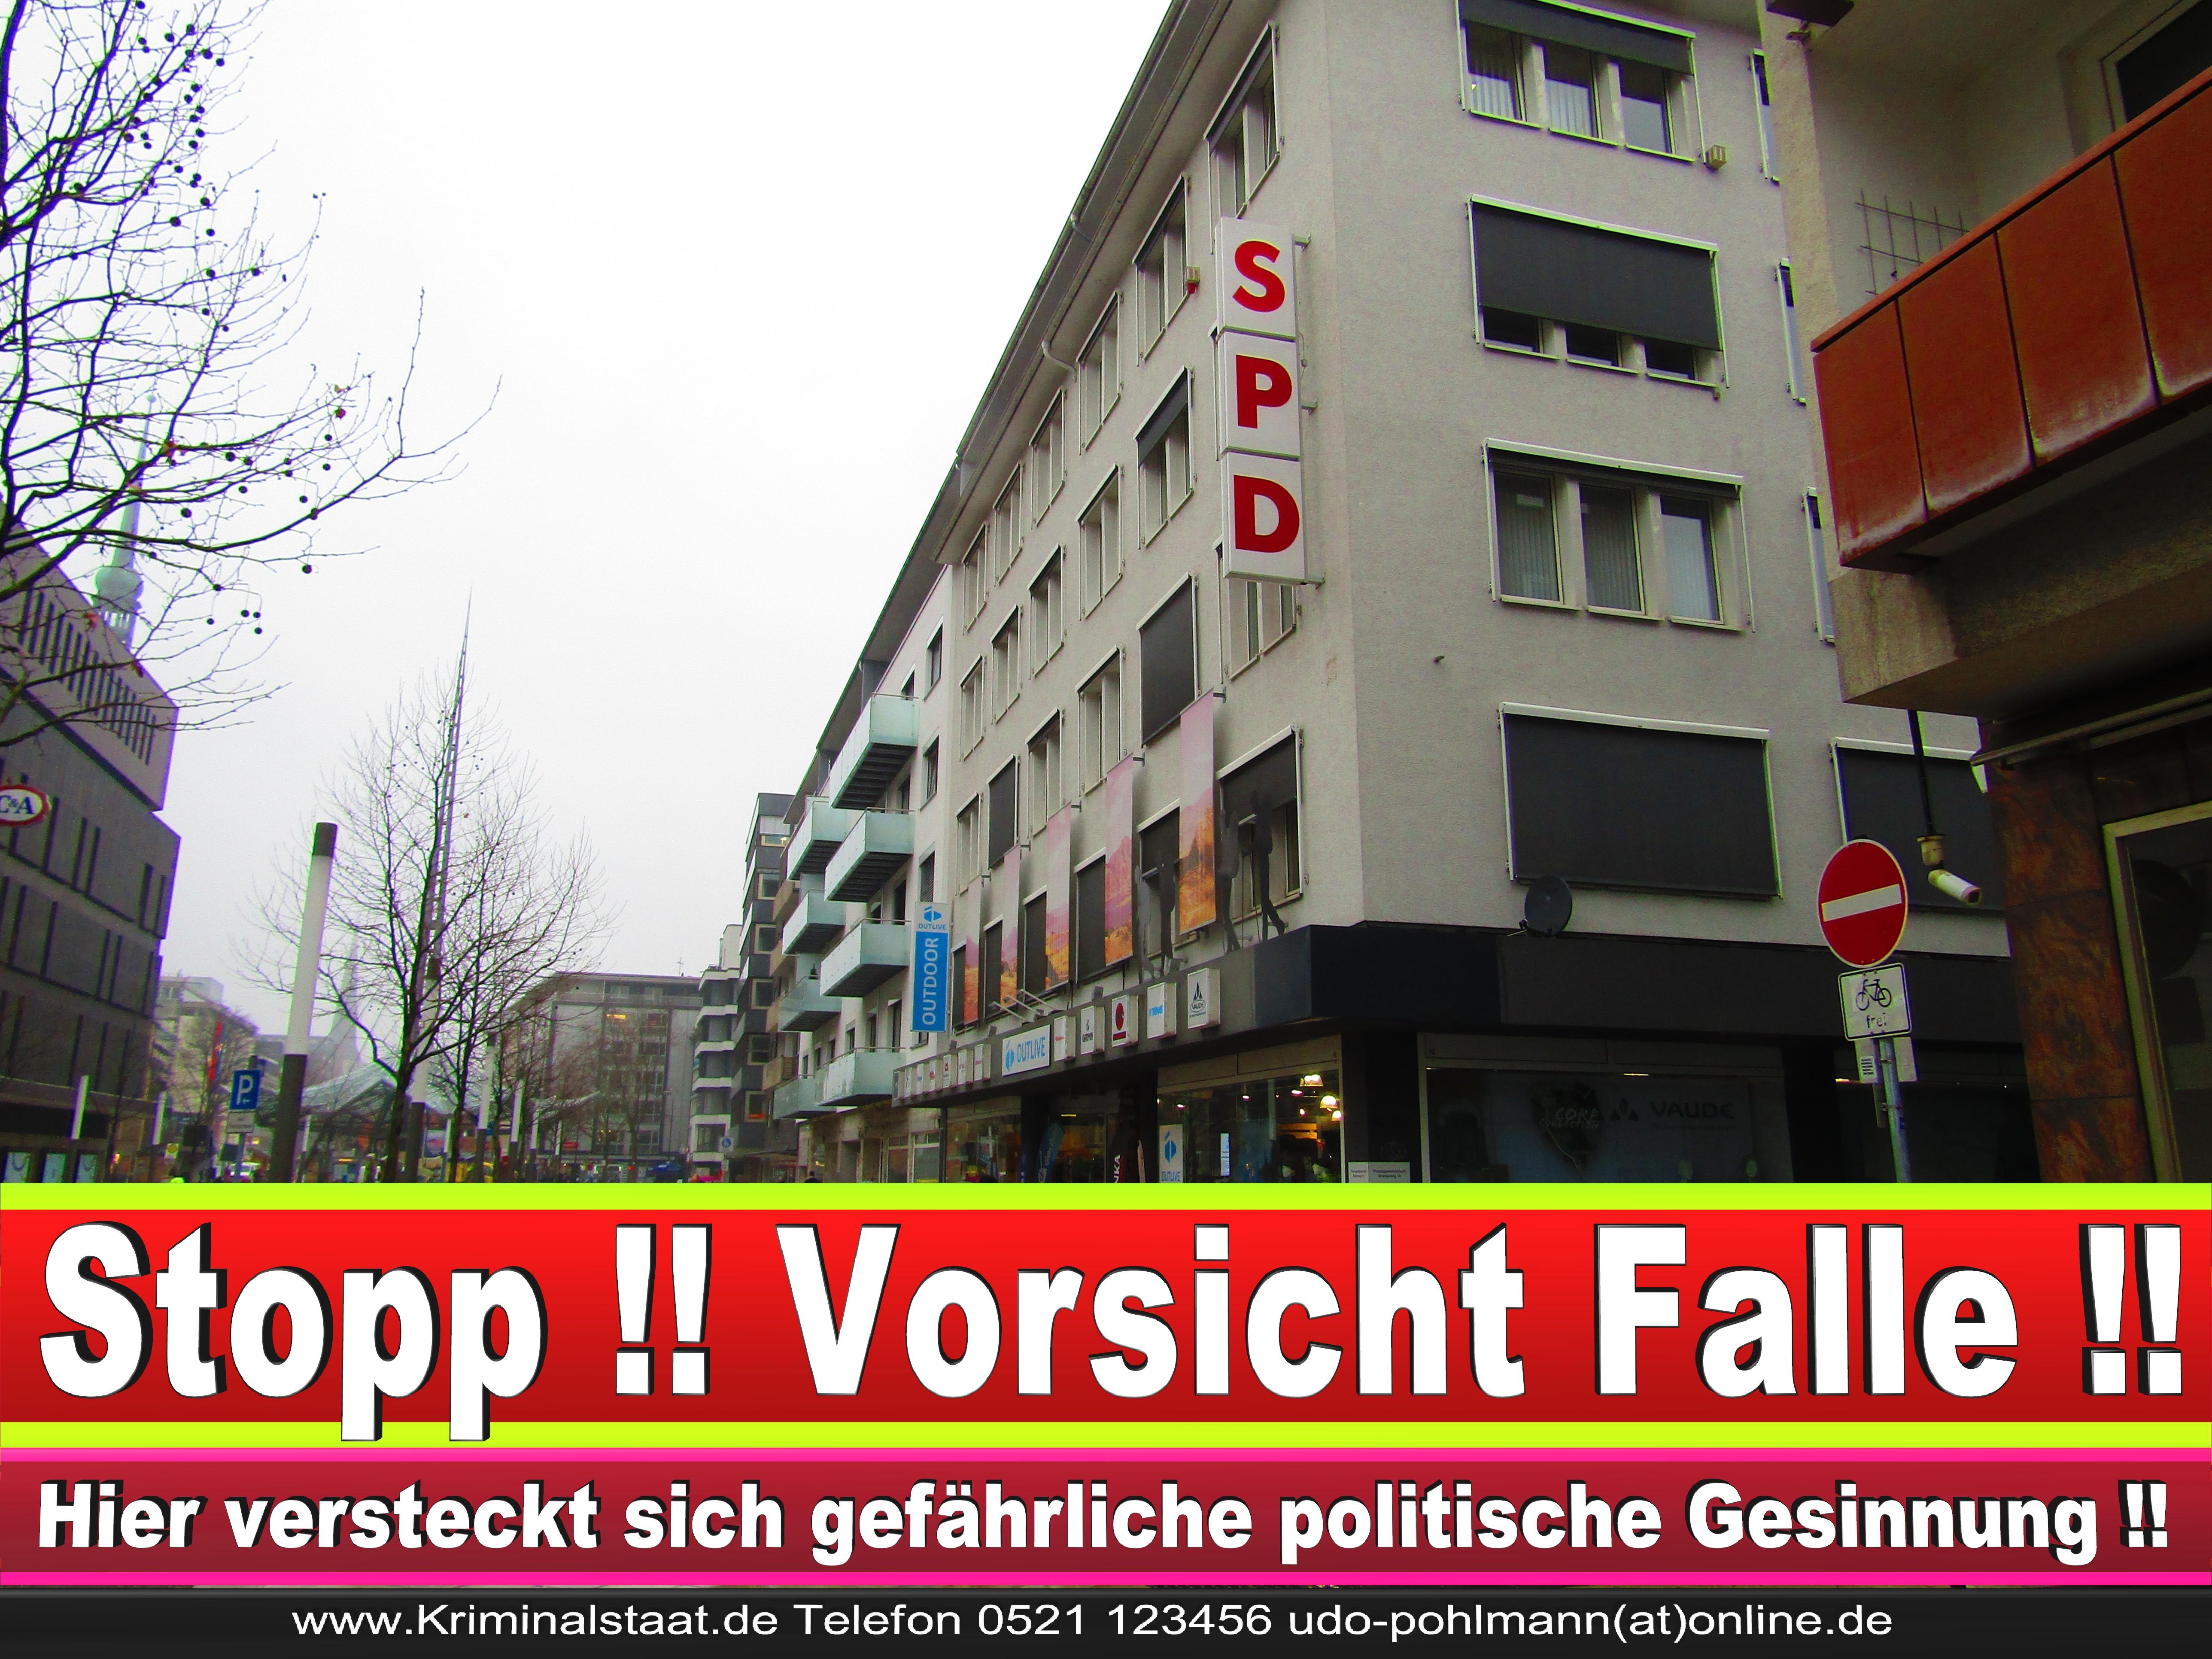 SPD DORTMUND BüRGERBüRO SPD ORTSVERBAND RAT STADT RATSMITGLIEDER SPD FRAKTION GESCHäFTSSTELLE SPD NRW ADRESSE (12) 2